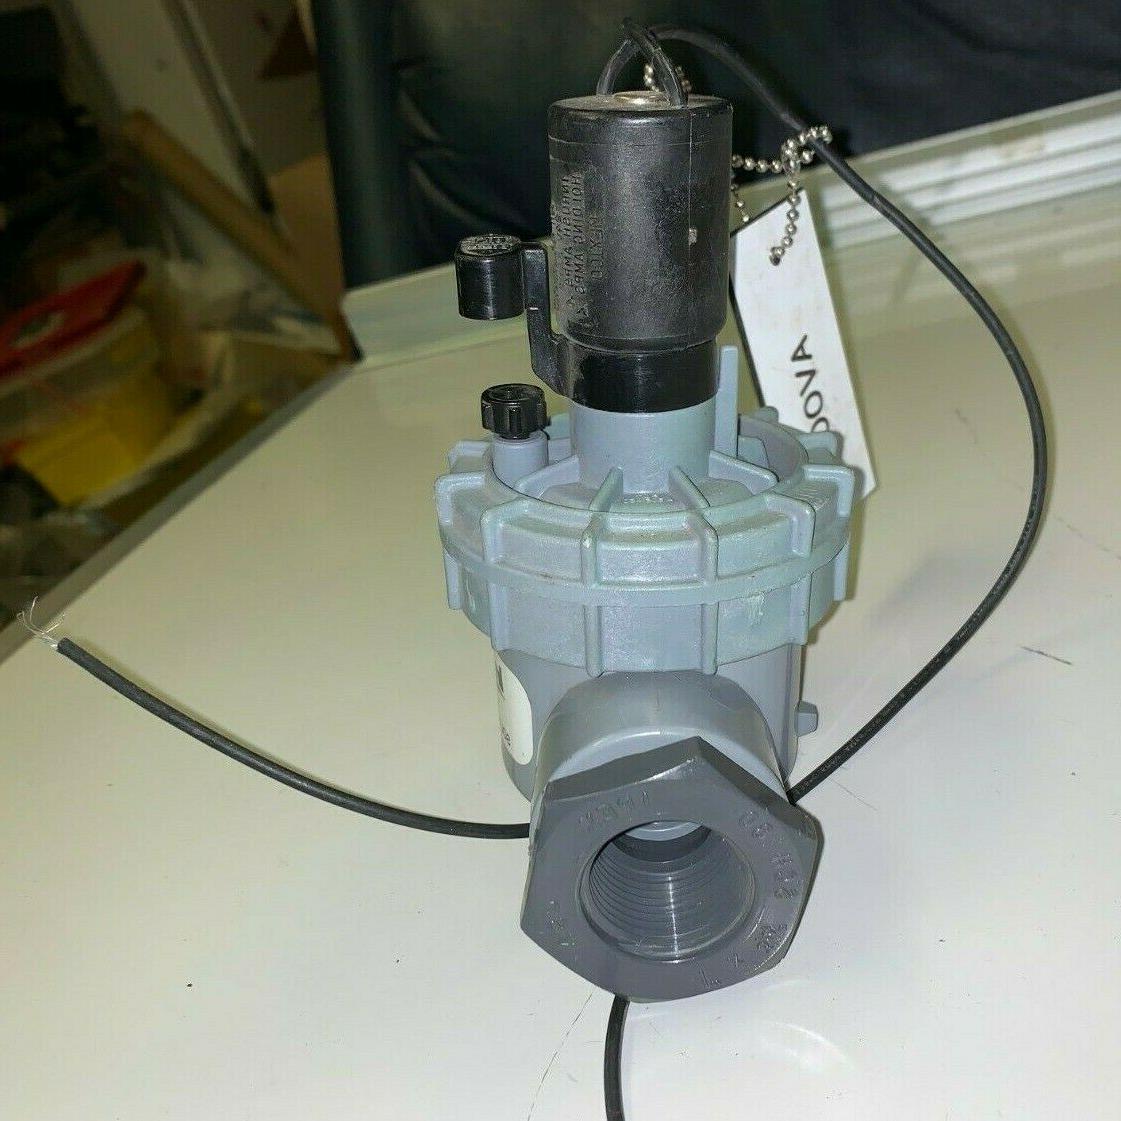 NEW! Irritrol 2400 2400T Sprinklers